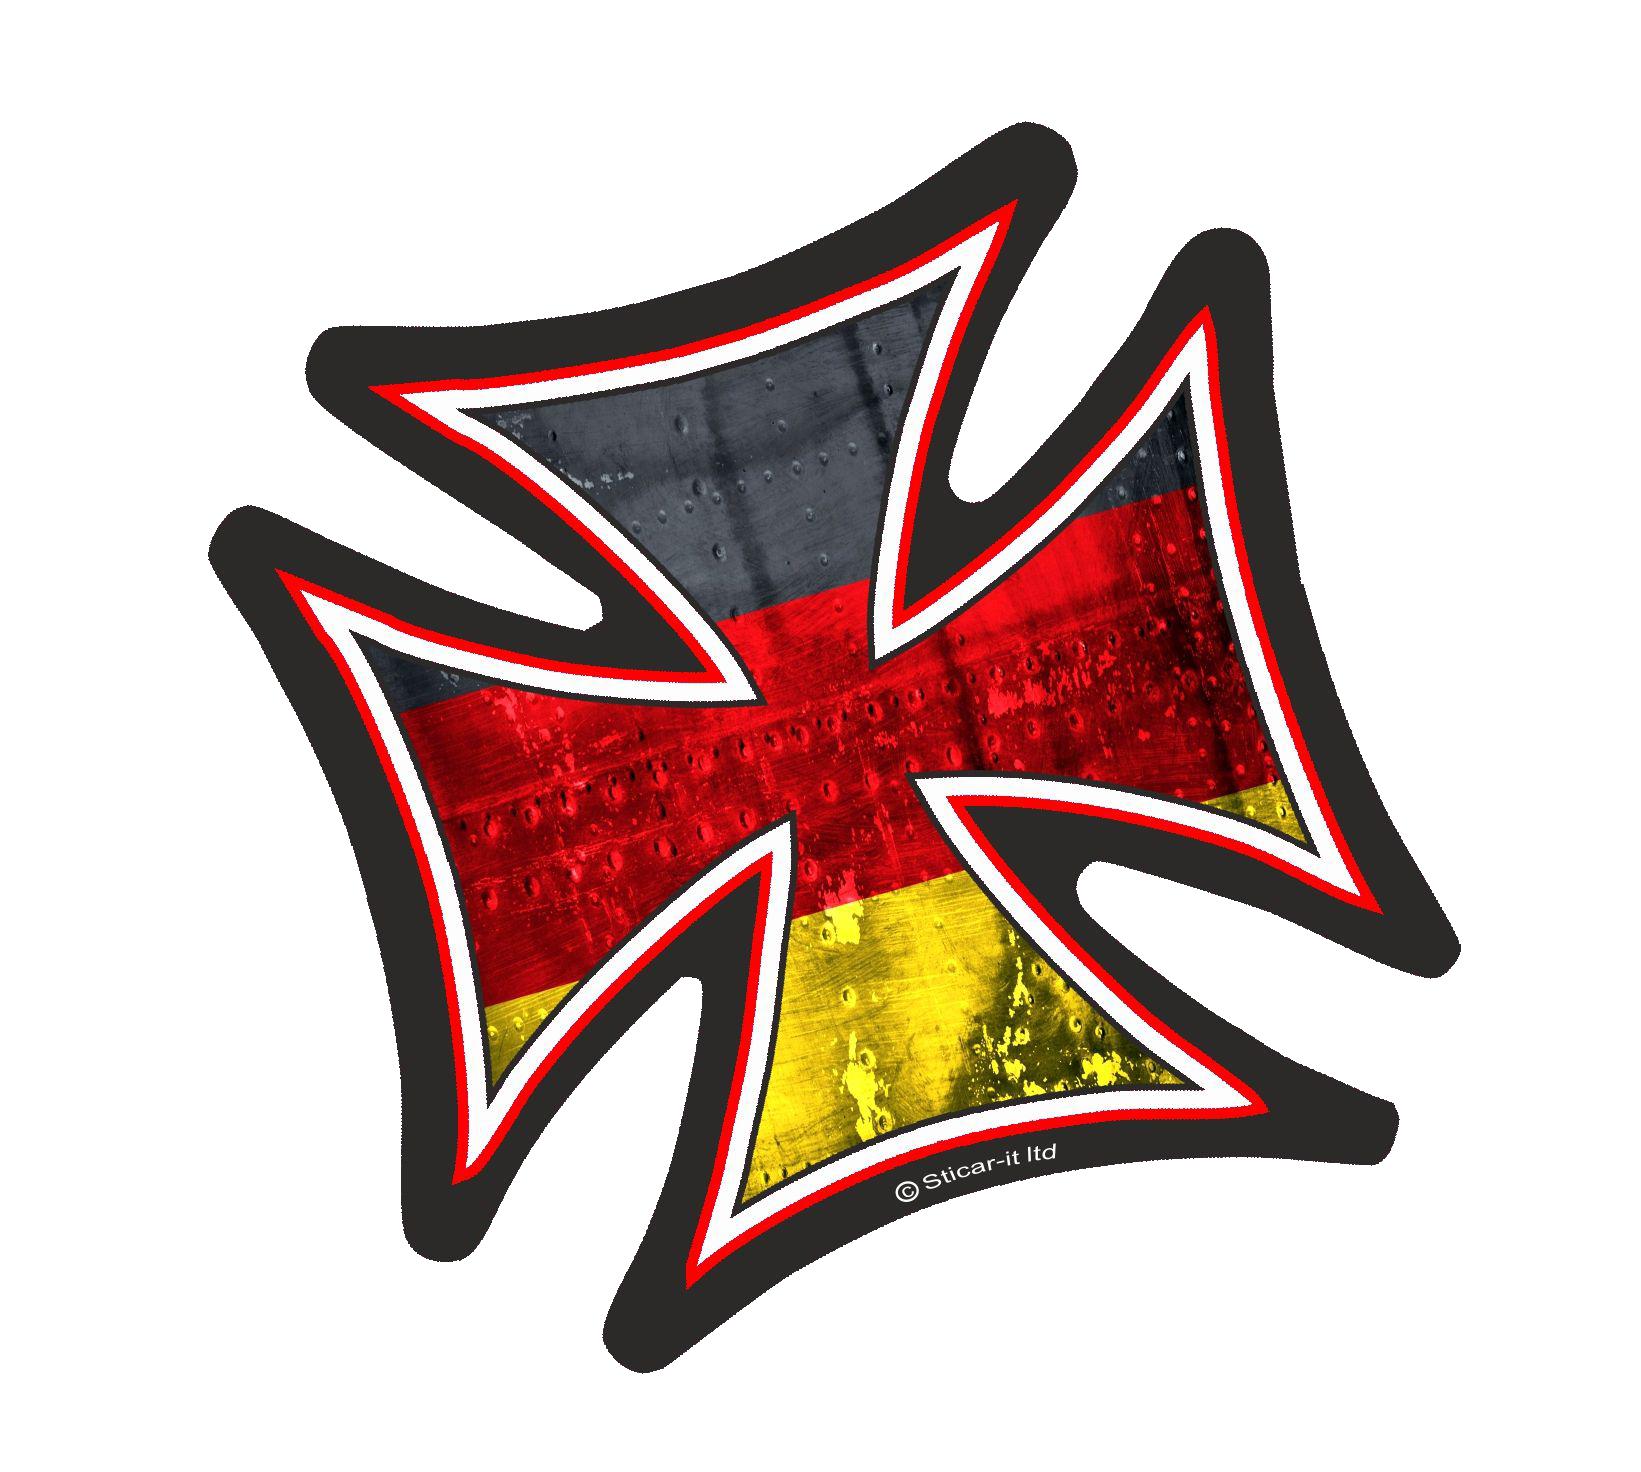 Three Ratels FTC-1112 cruz de hierro con Alemania alemán motivo bandera exterior vinilo coche etiqueta engomada de la motocicleta del coche de la bicicleta